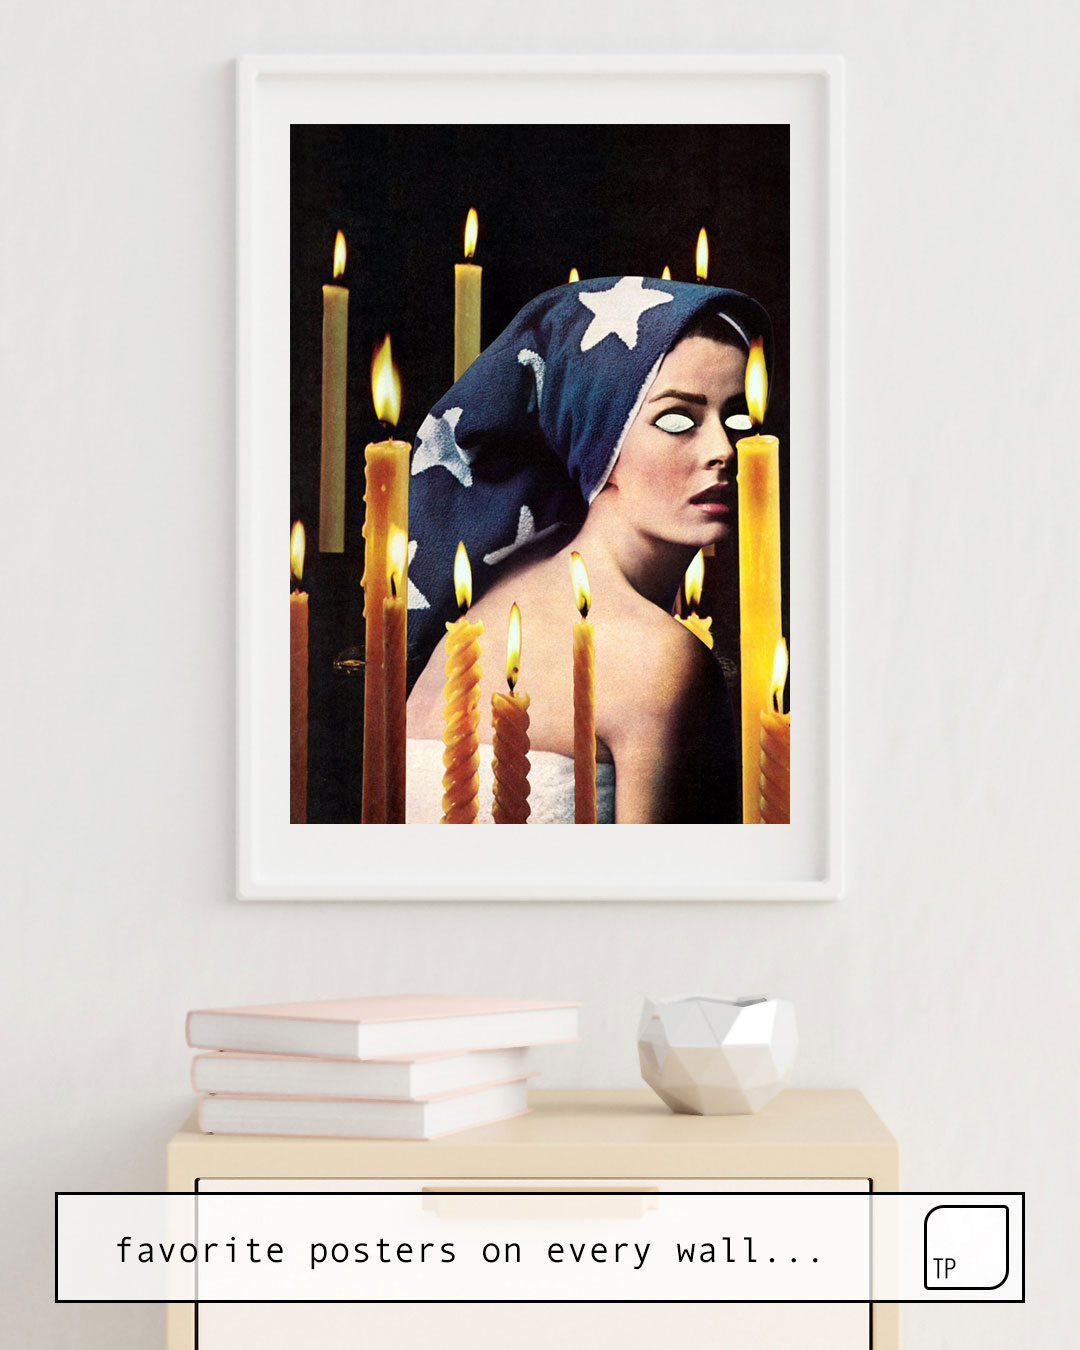 La photo montre un exemple d'ameublement avec le motif PRIESTESS par Beth Hoeckel comme peinture murale